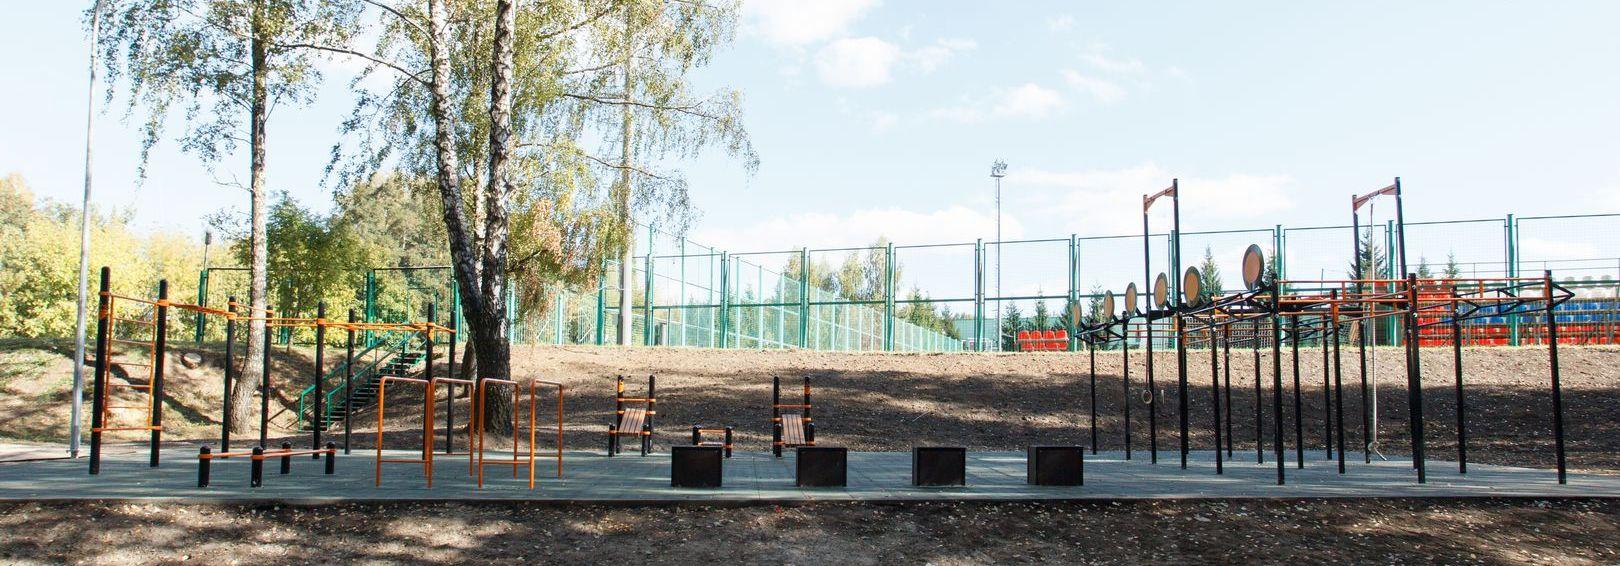 Проект спортивной площадки для воркаута и функционального тренинга WPFO – 40x20